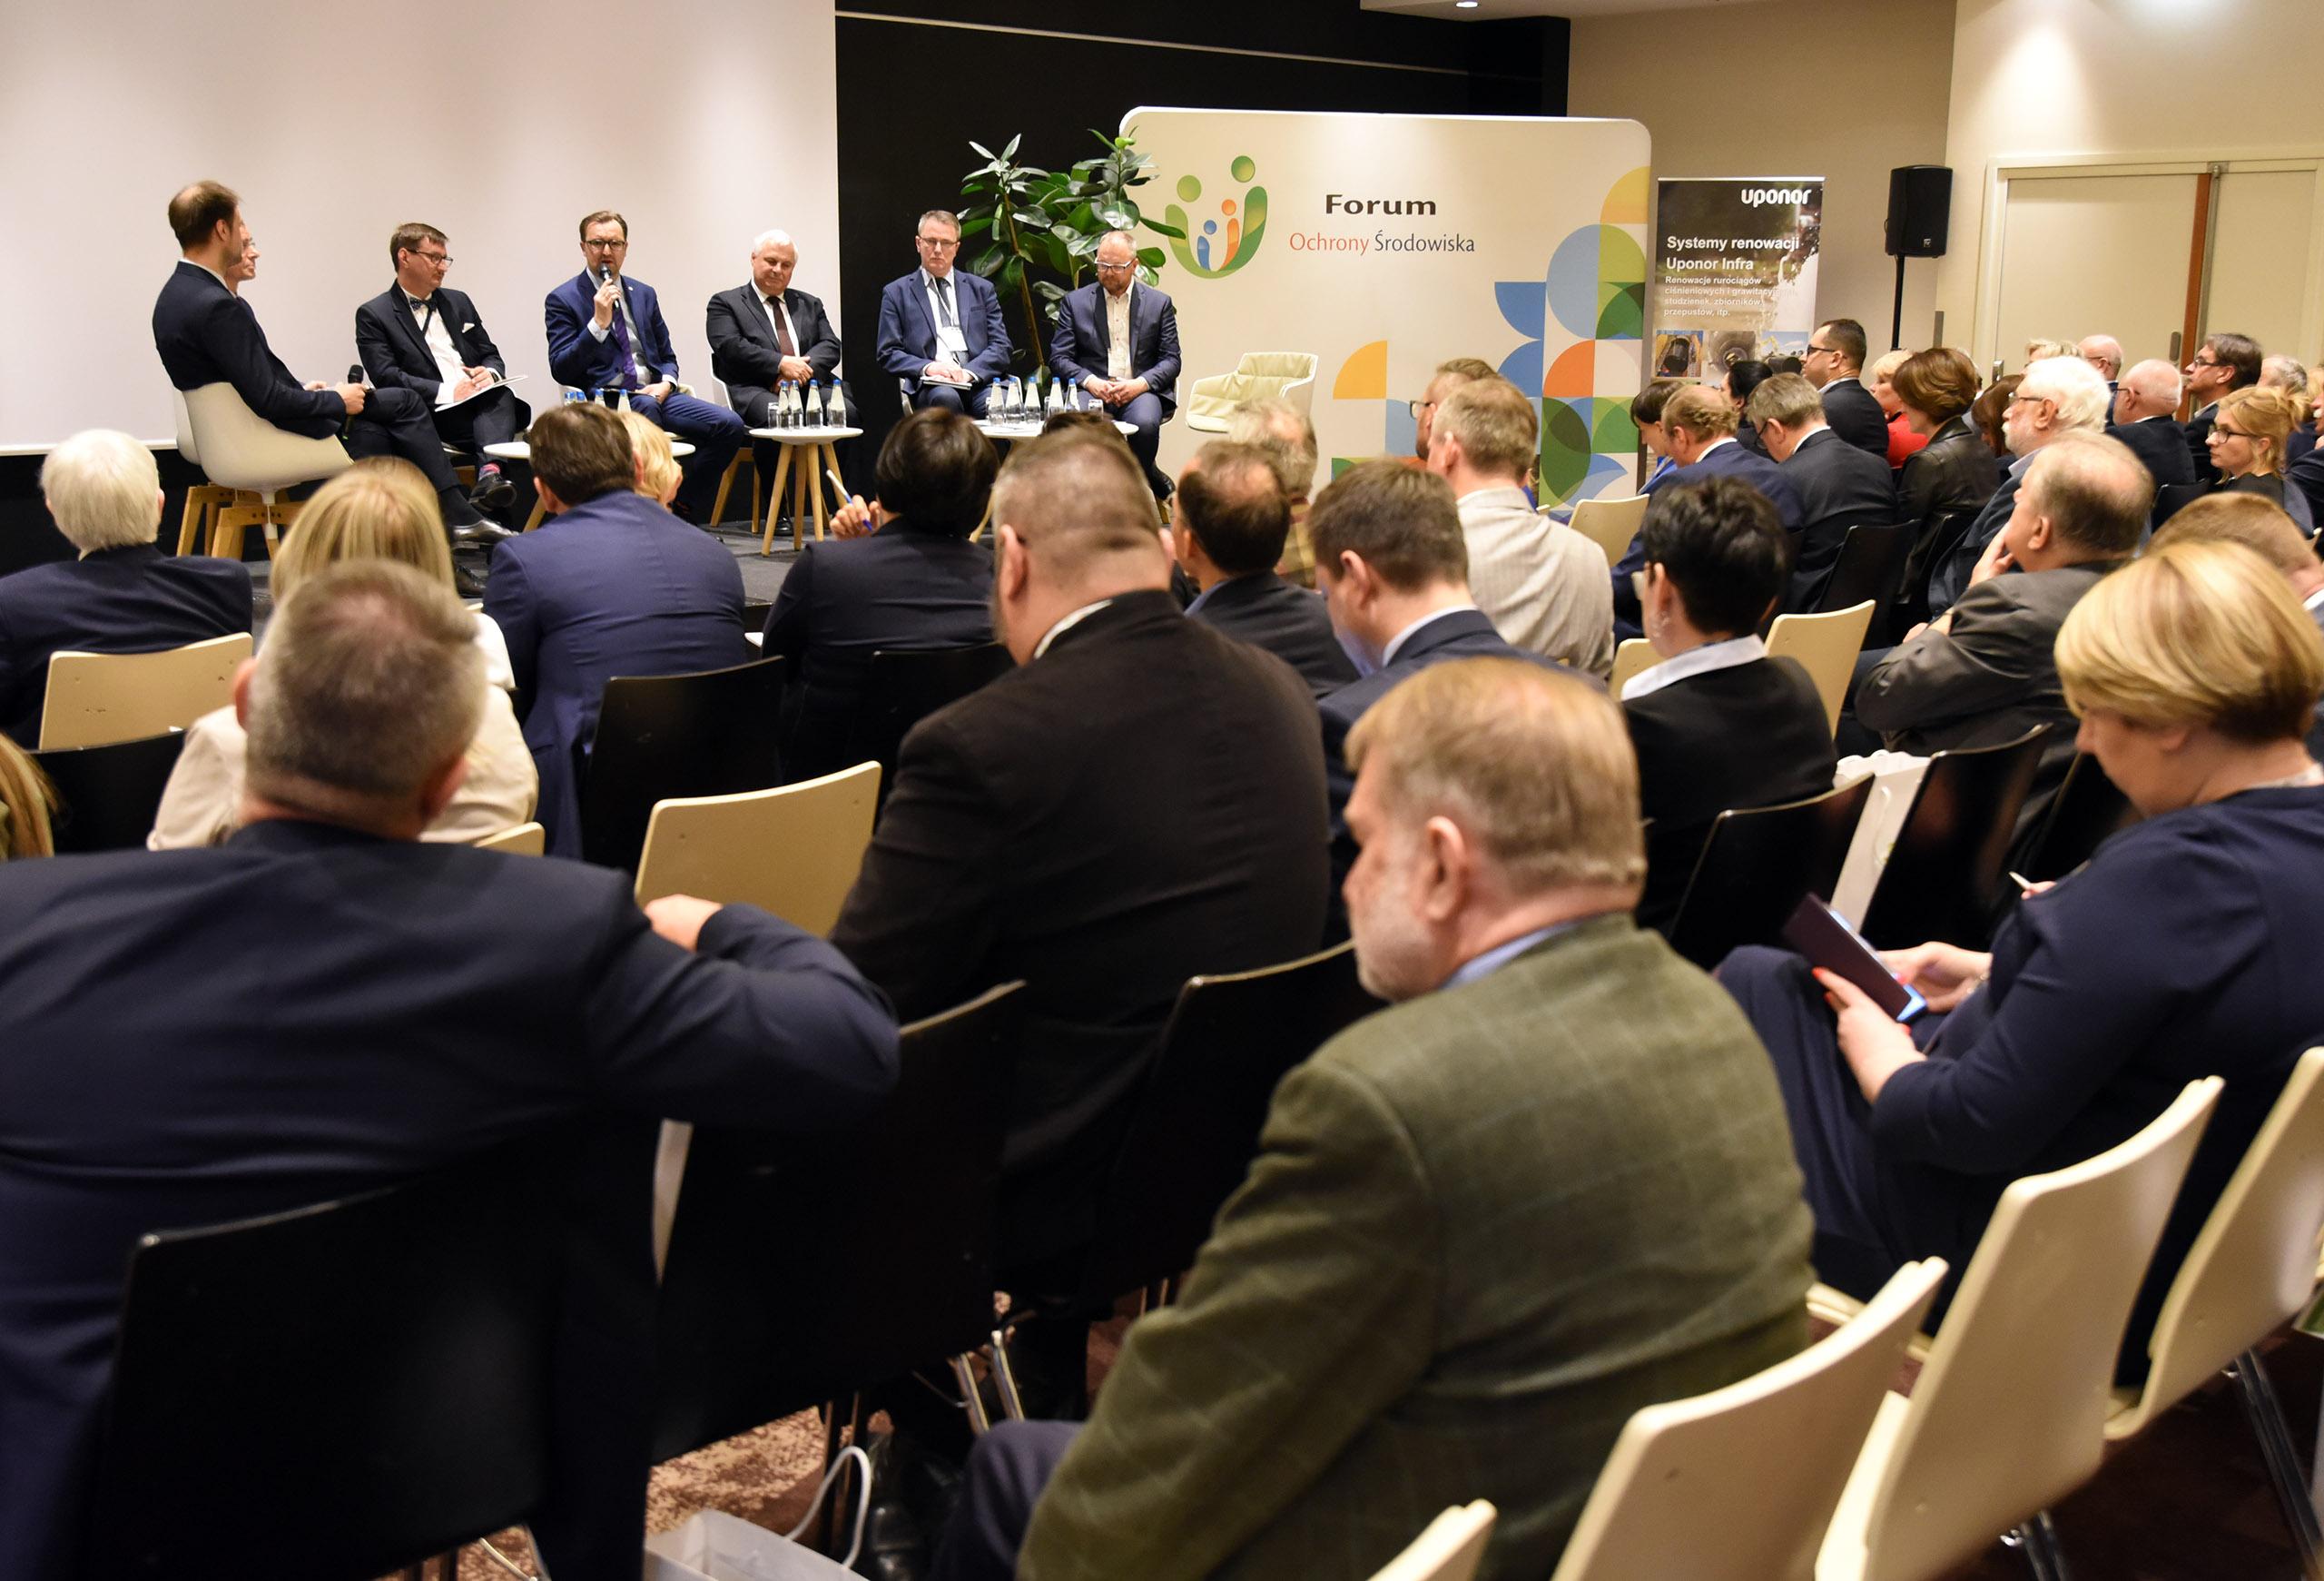 V Forum Ochrony Środowiska z udziałem wiceministra Sławomira Mazurka